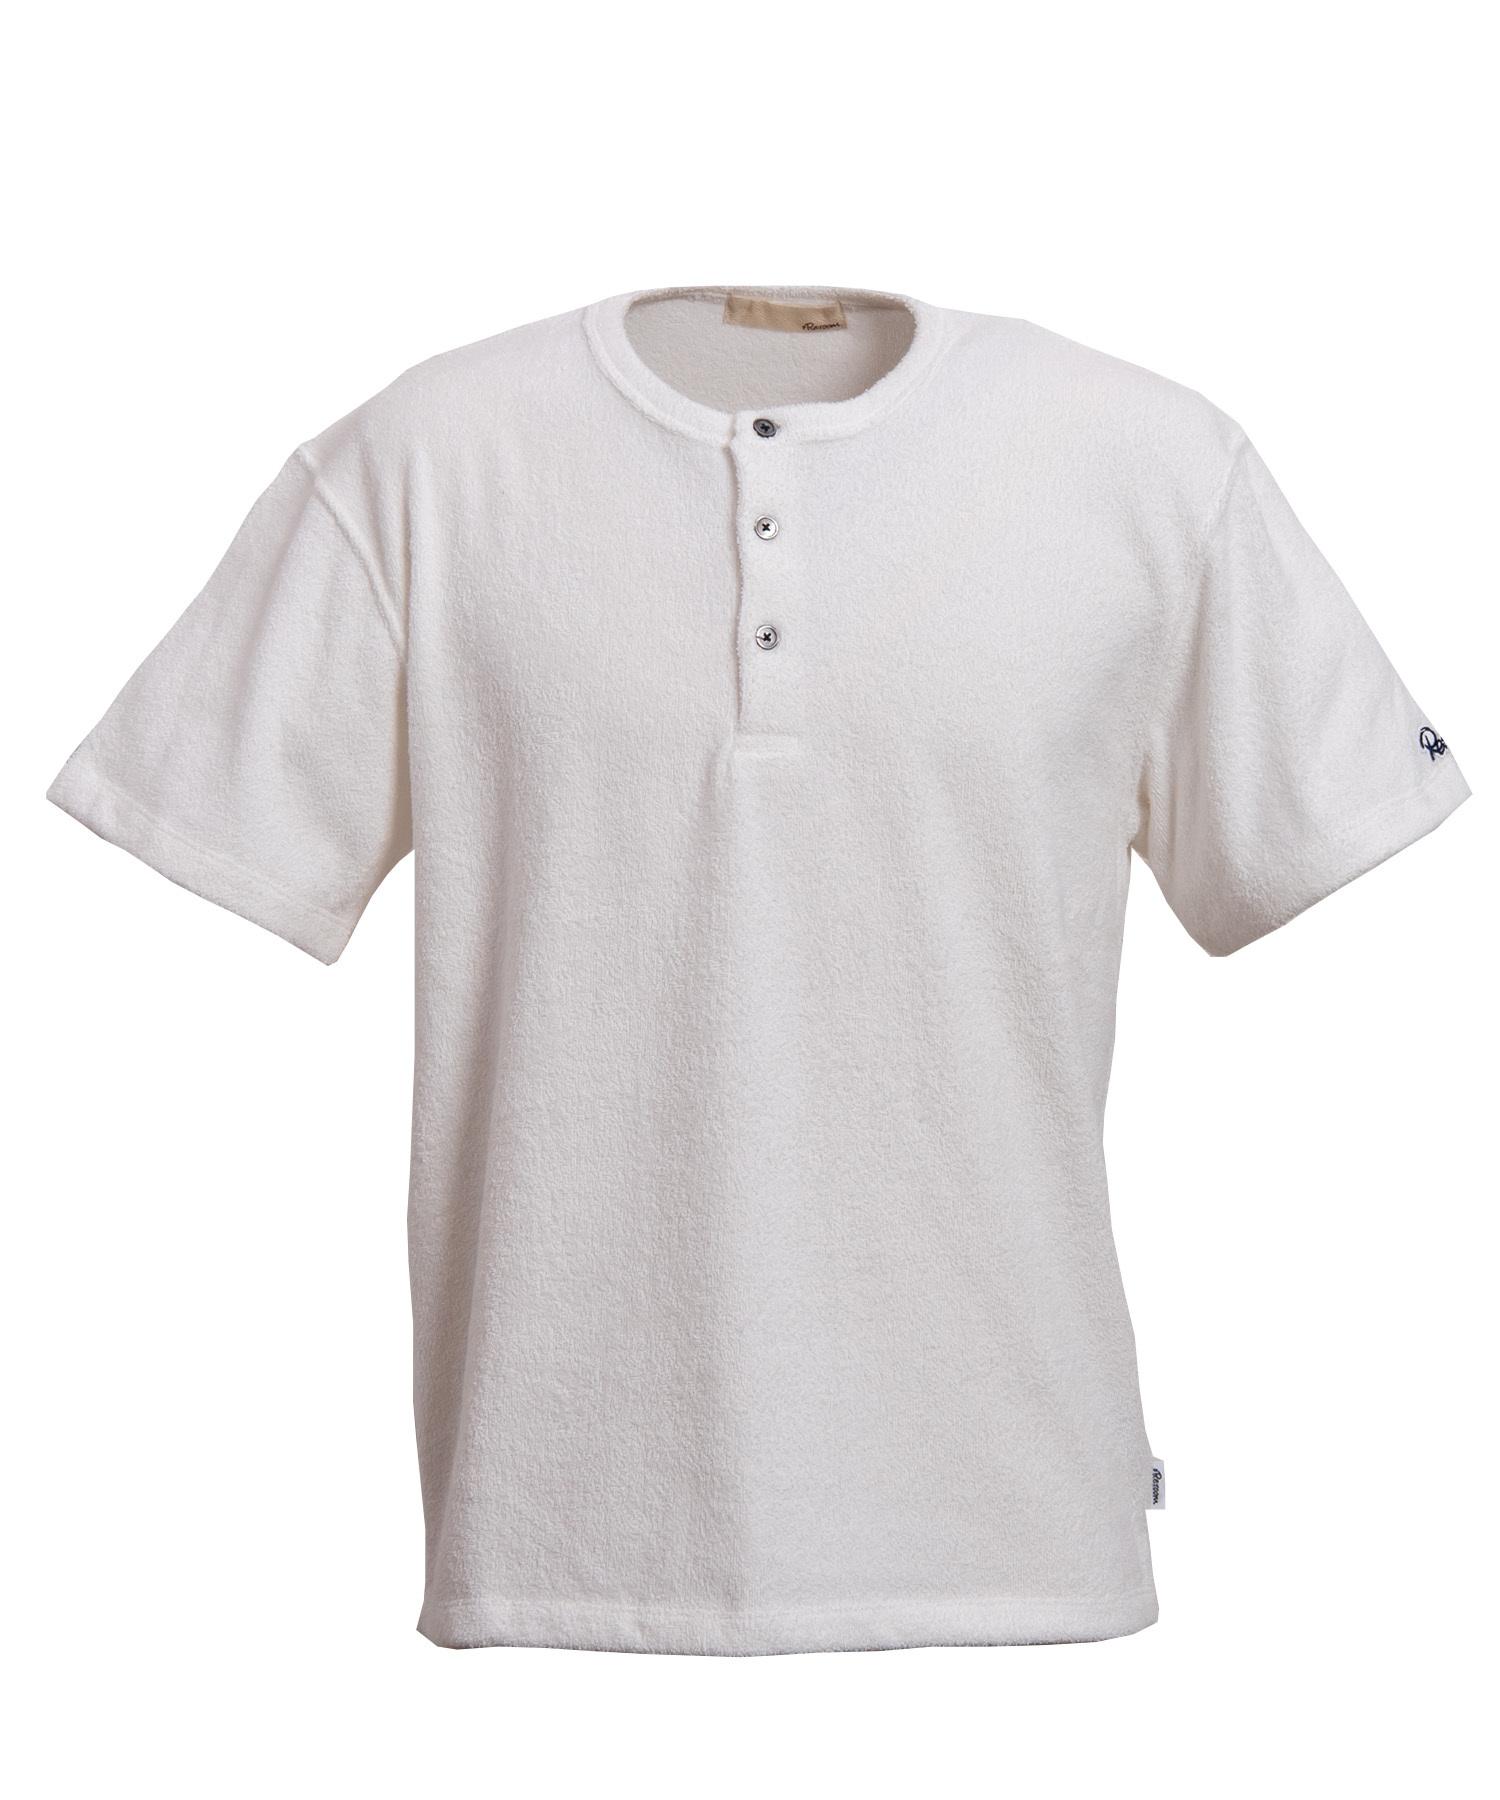 HENLEY NECK PILE T-shirt[REC221]